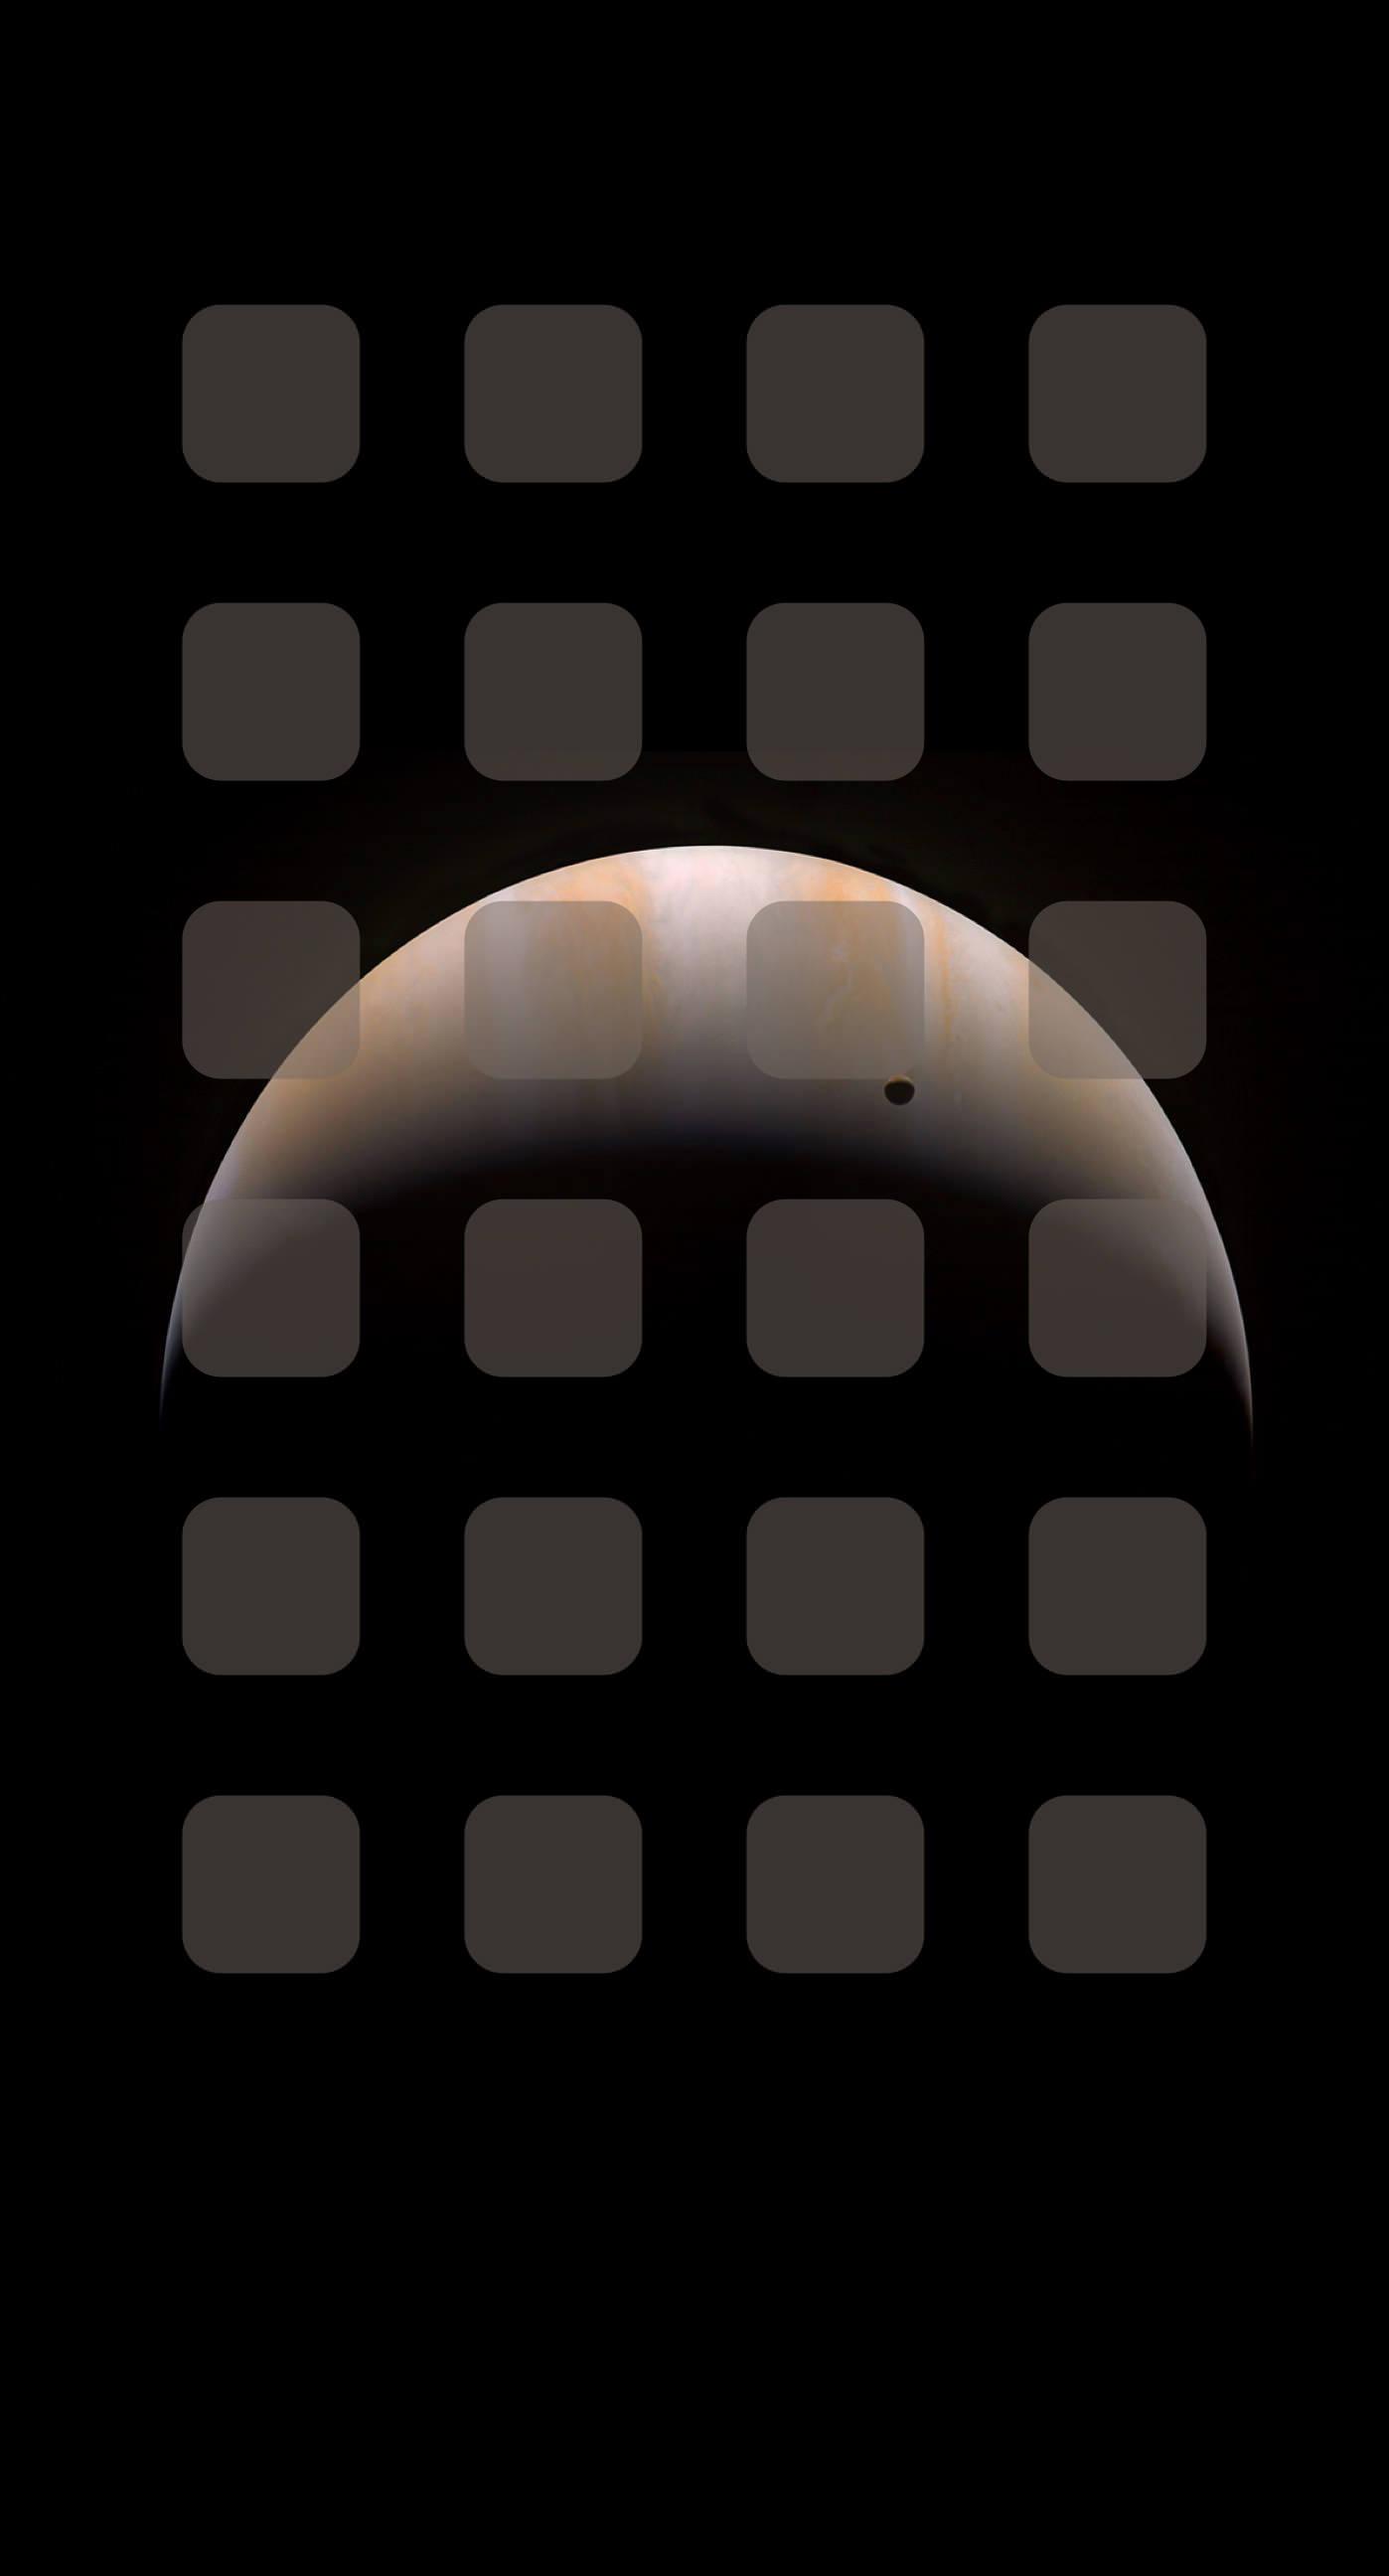 宇宙惑星茶色棚 Wallpaper Sc Iphone6splus壁紙